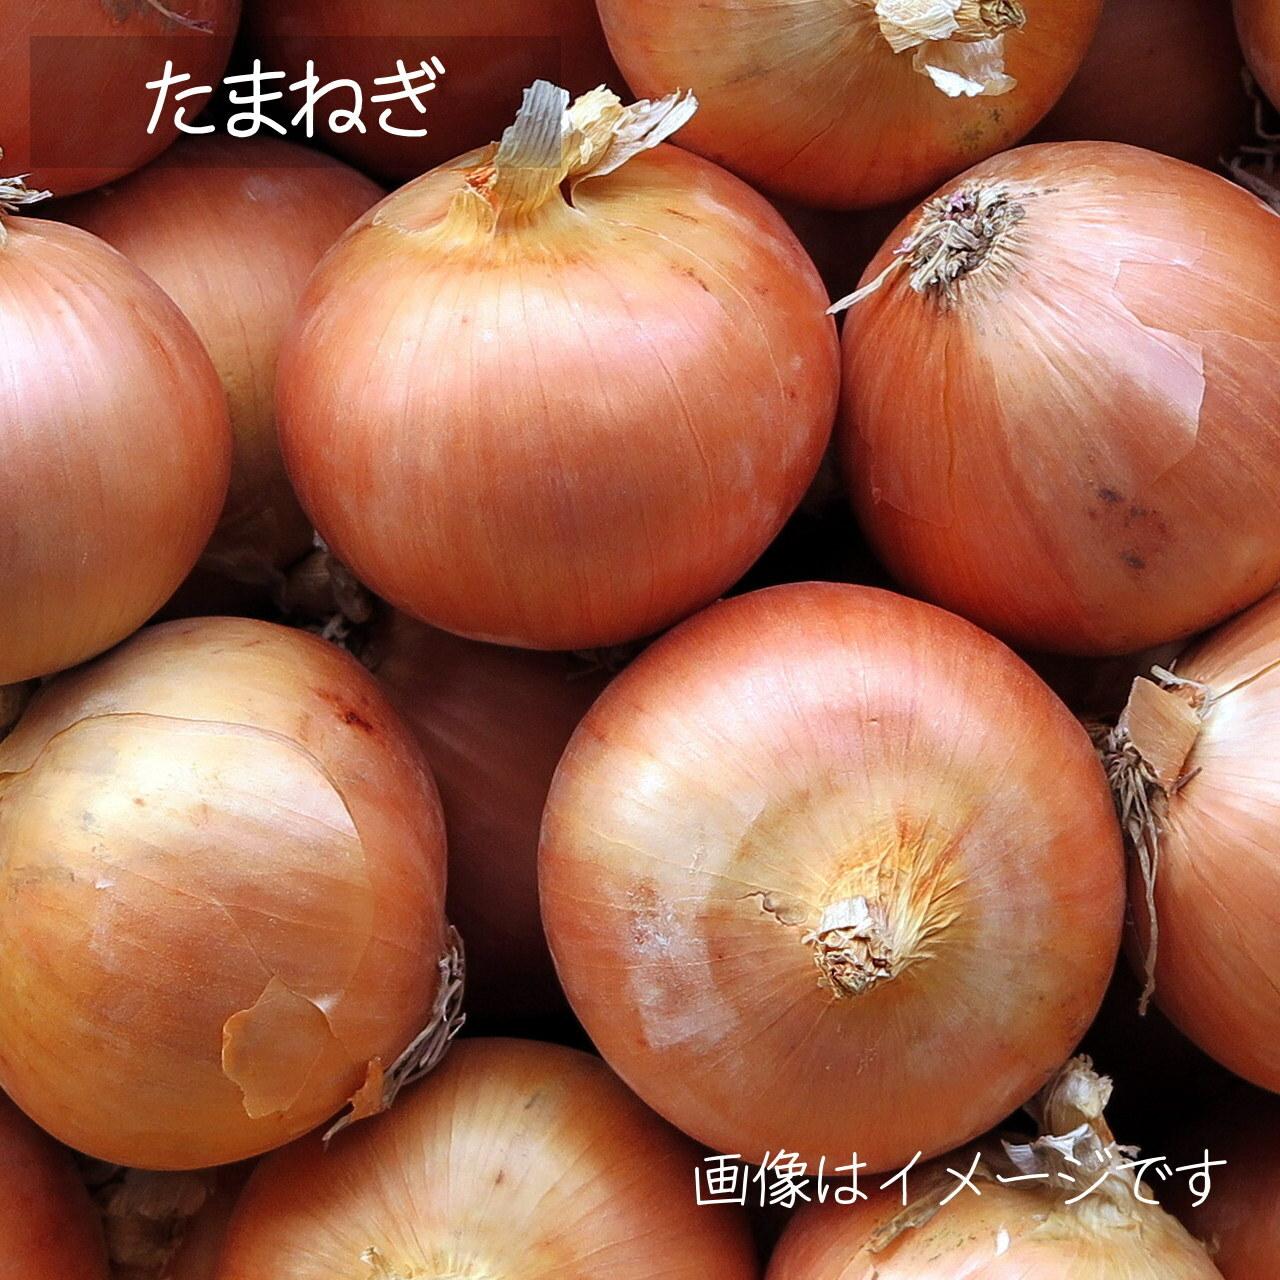 新鮮な秋野菜 : たまねぎ 約2~3個 9月の朝採り直売野菜 9月26日発送予定